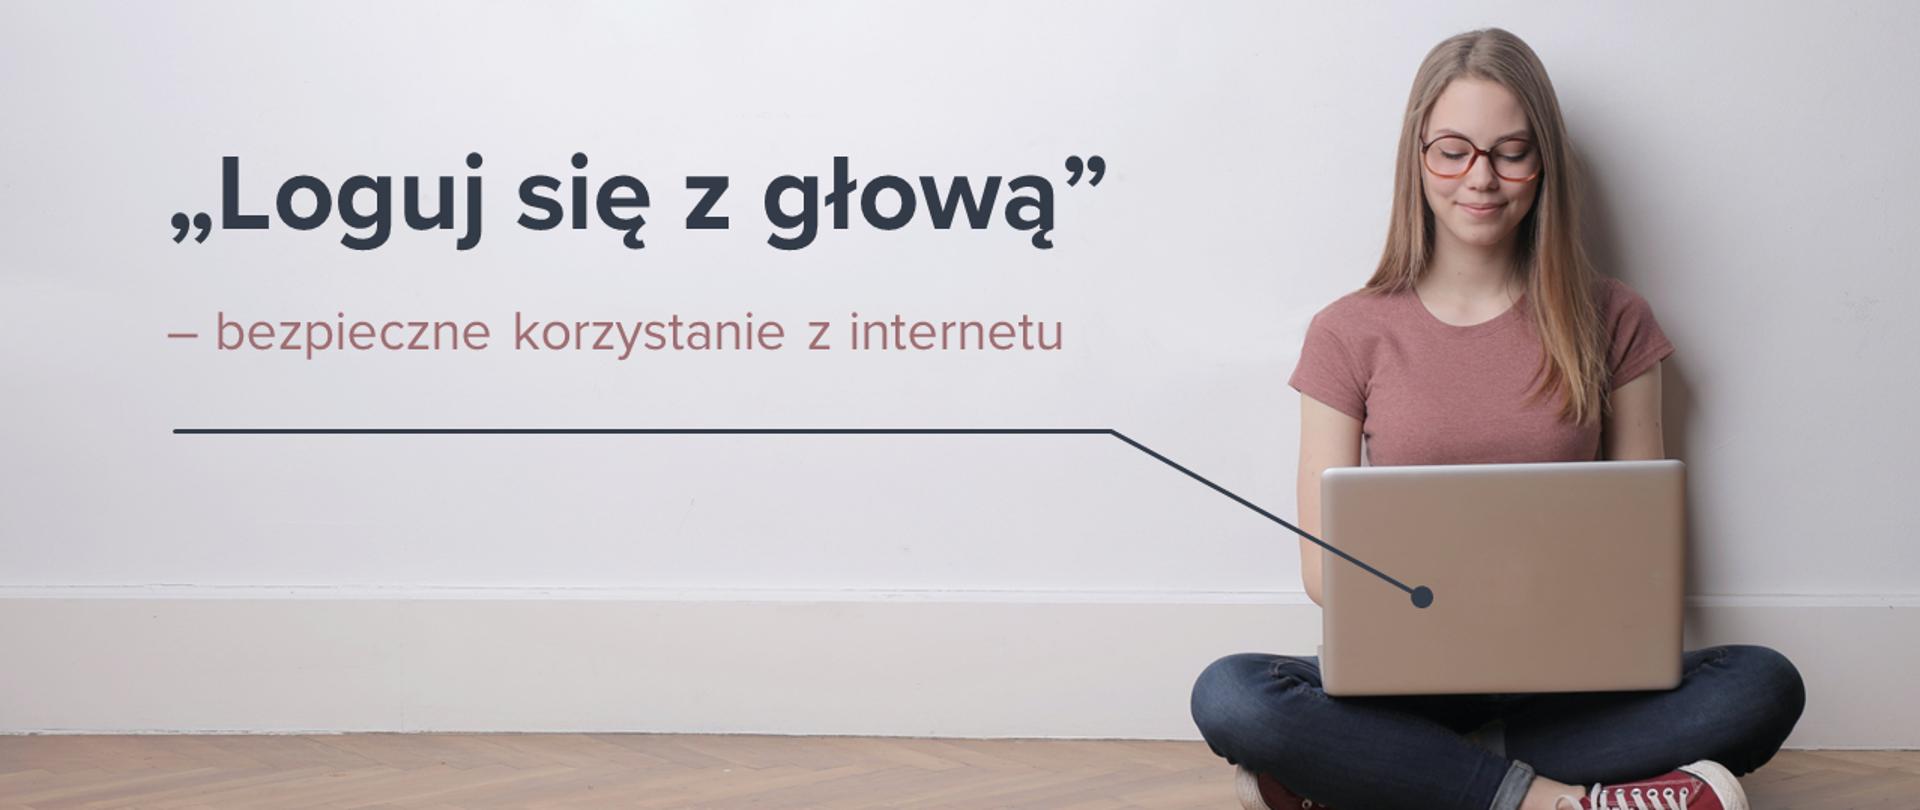 """Nastolatka z blond włosami i w okularach, ubrana t-shirt, dżinsy i trampki siedzi na podłodze i trzyma laptopa na kolanach. W tle biała pusta ściana. Po lewej stronie napis """"Loguj się z głową"""" - bezpieczne korzystanie z internetu. Pod napisem strzałka prowadząca do laptopa dziewczyny, zakończona kołem."""